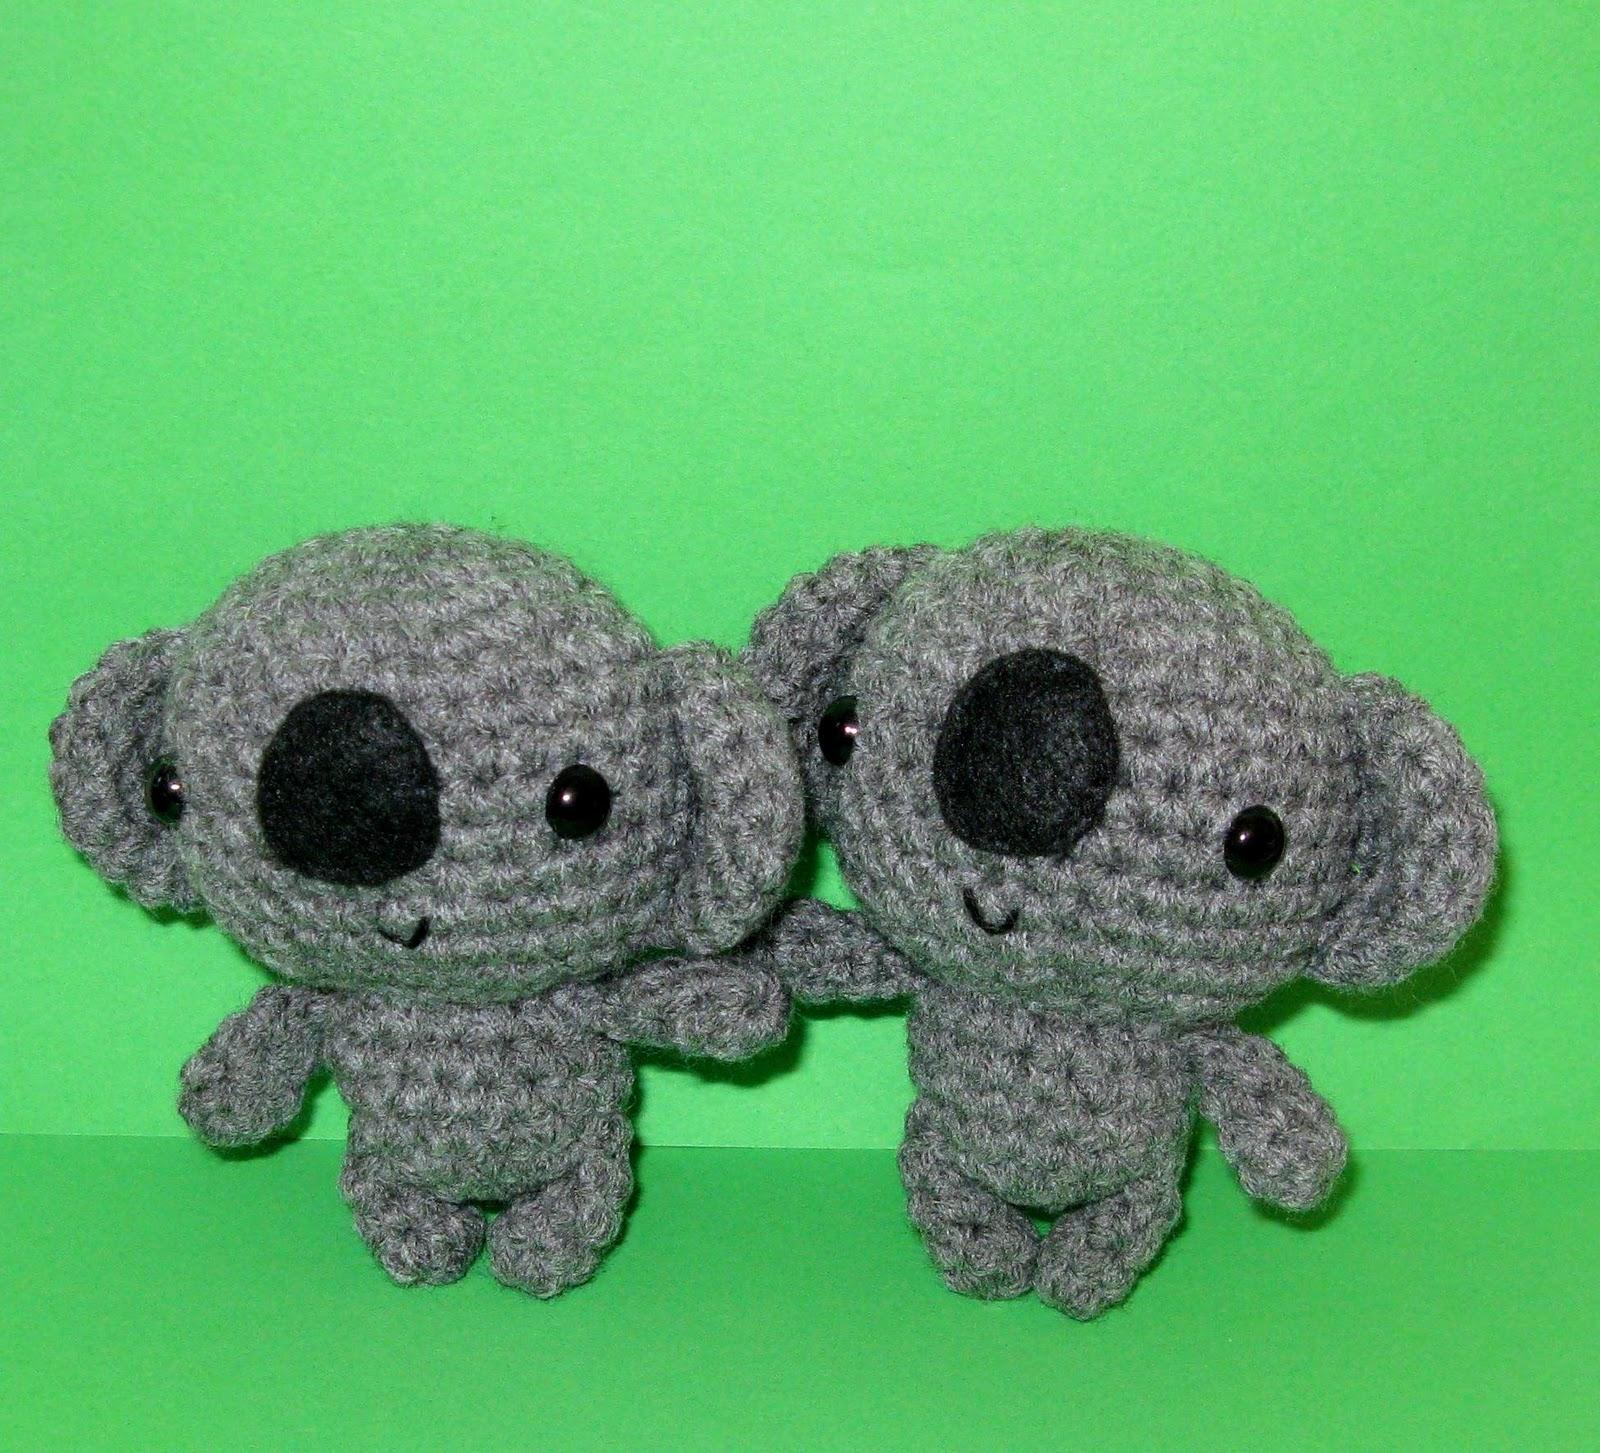 Link Amigurumi Crochet Pattern : Ana Paulas Amigurumi Patterns & Random Cuteness: Sigo con ...